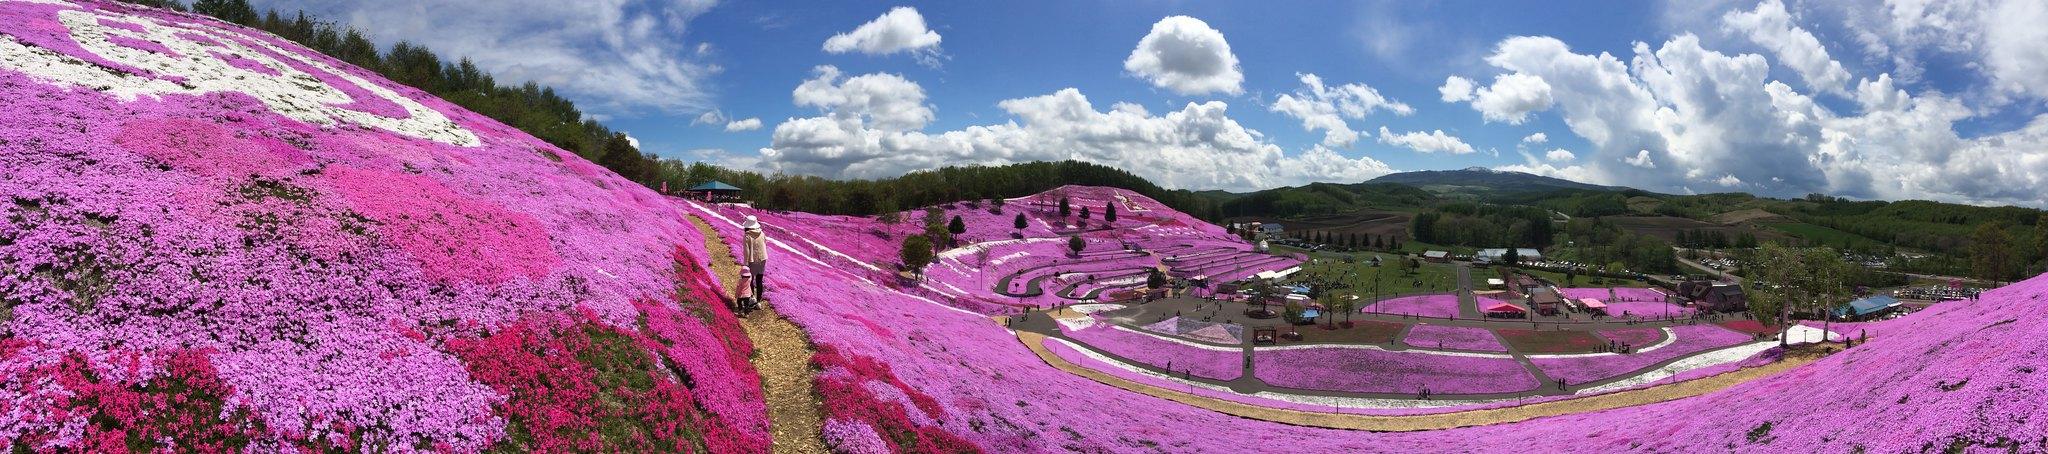 collina rosa